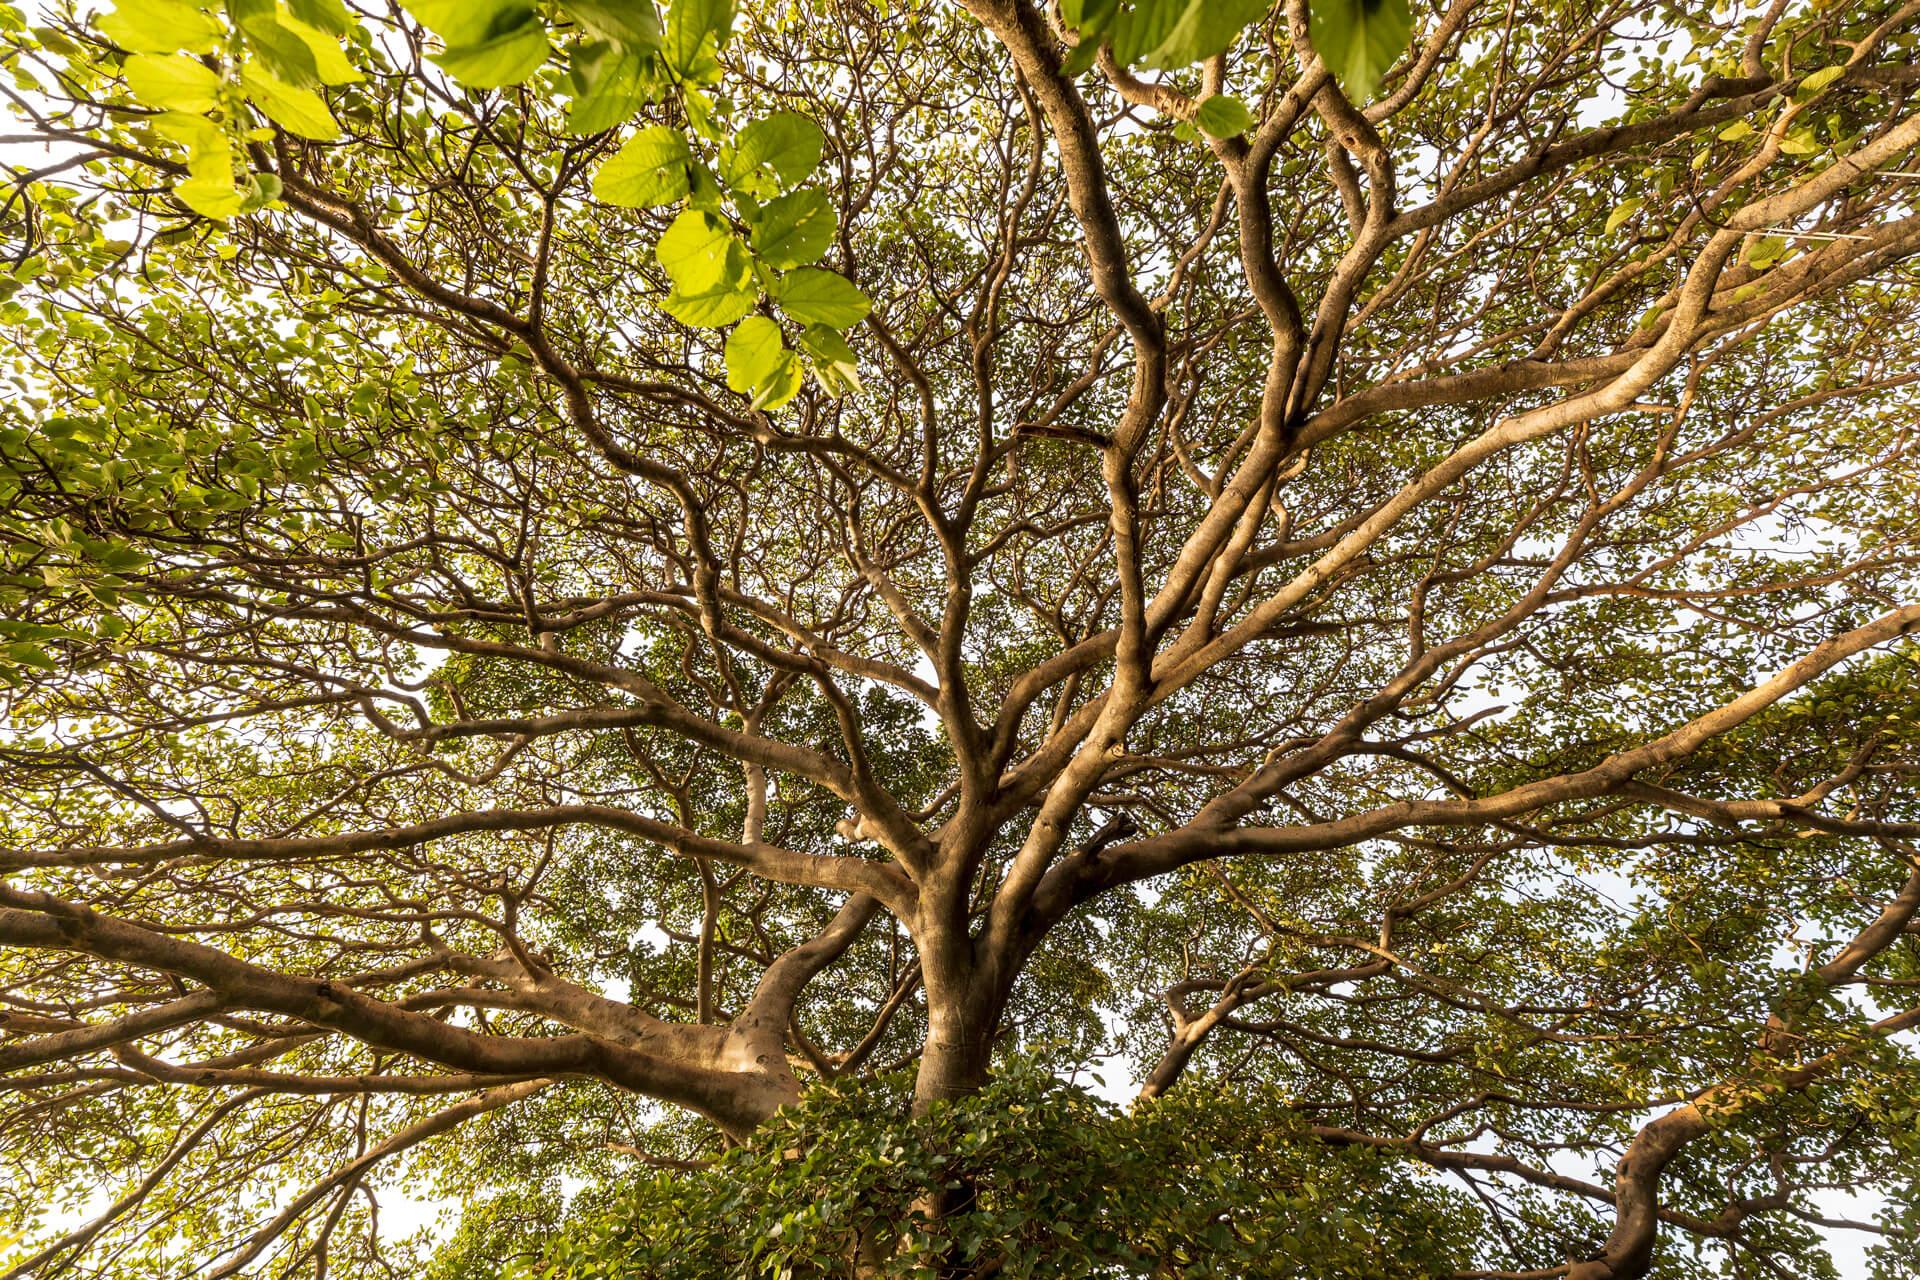 Ethiopia-Africa-trees-adventure-nature-landscape-Arba Minch